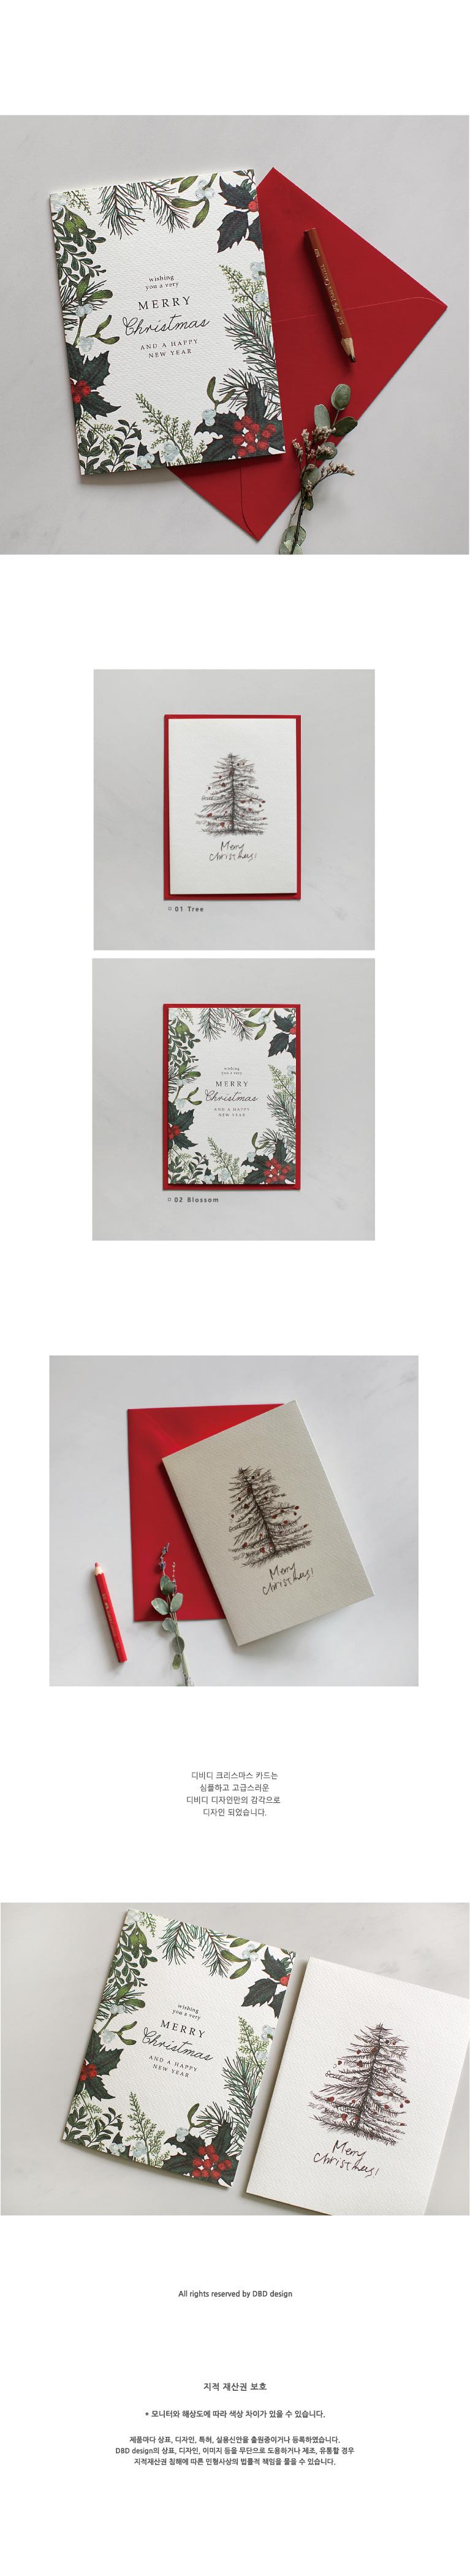 디비디 크리스마스 카드 - Botanic - 디비디, 2,800원, 카드, 크리스마스 카드